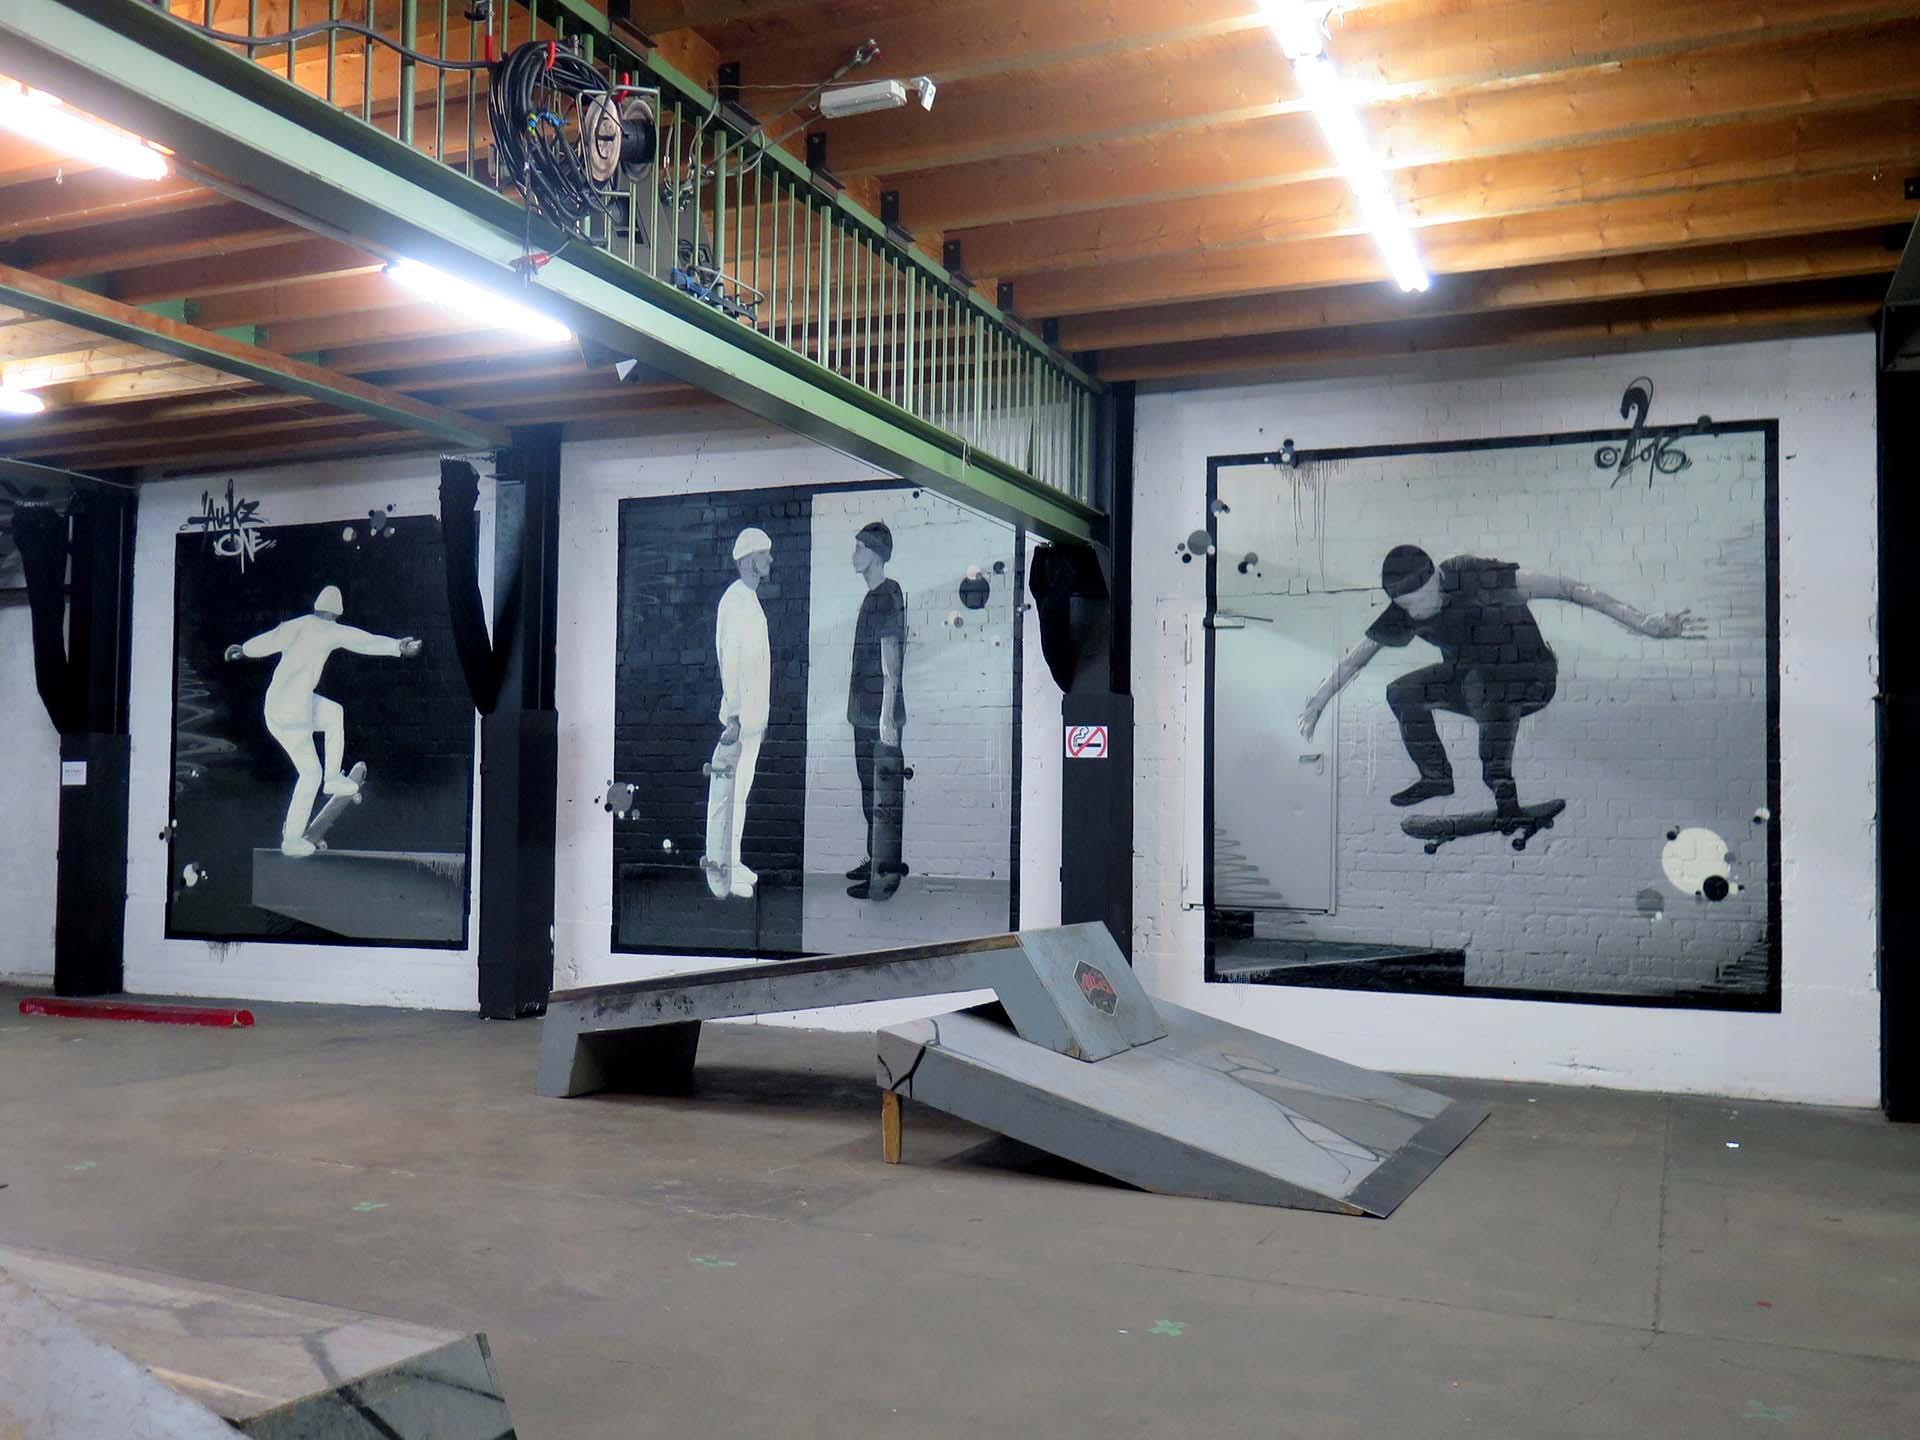 Skateboarding, Graffiti, Skater, Auckz, Münster, Skaters Place, Urban, Wand, Halle, Bennet Grüttner, Studio